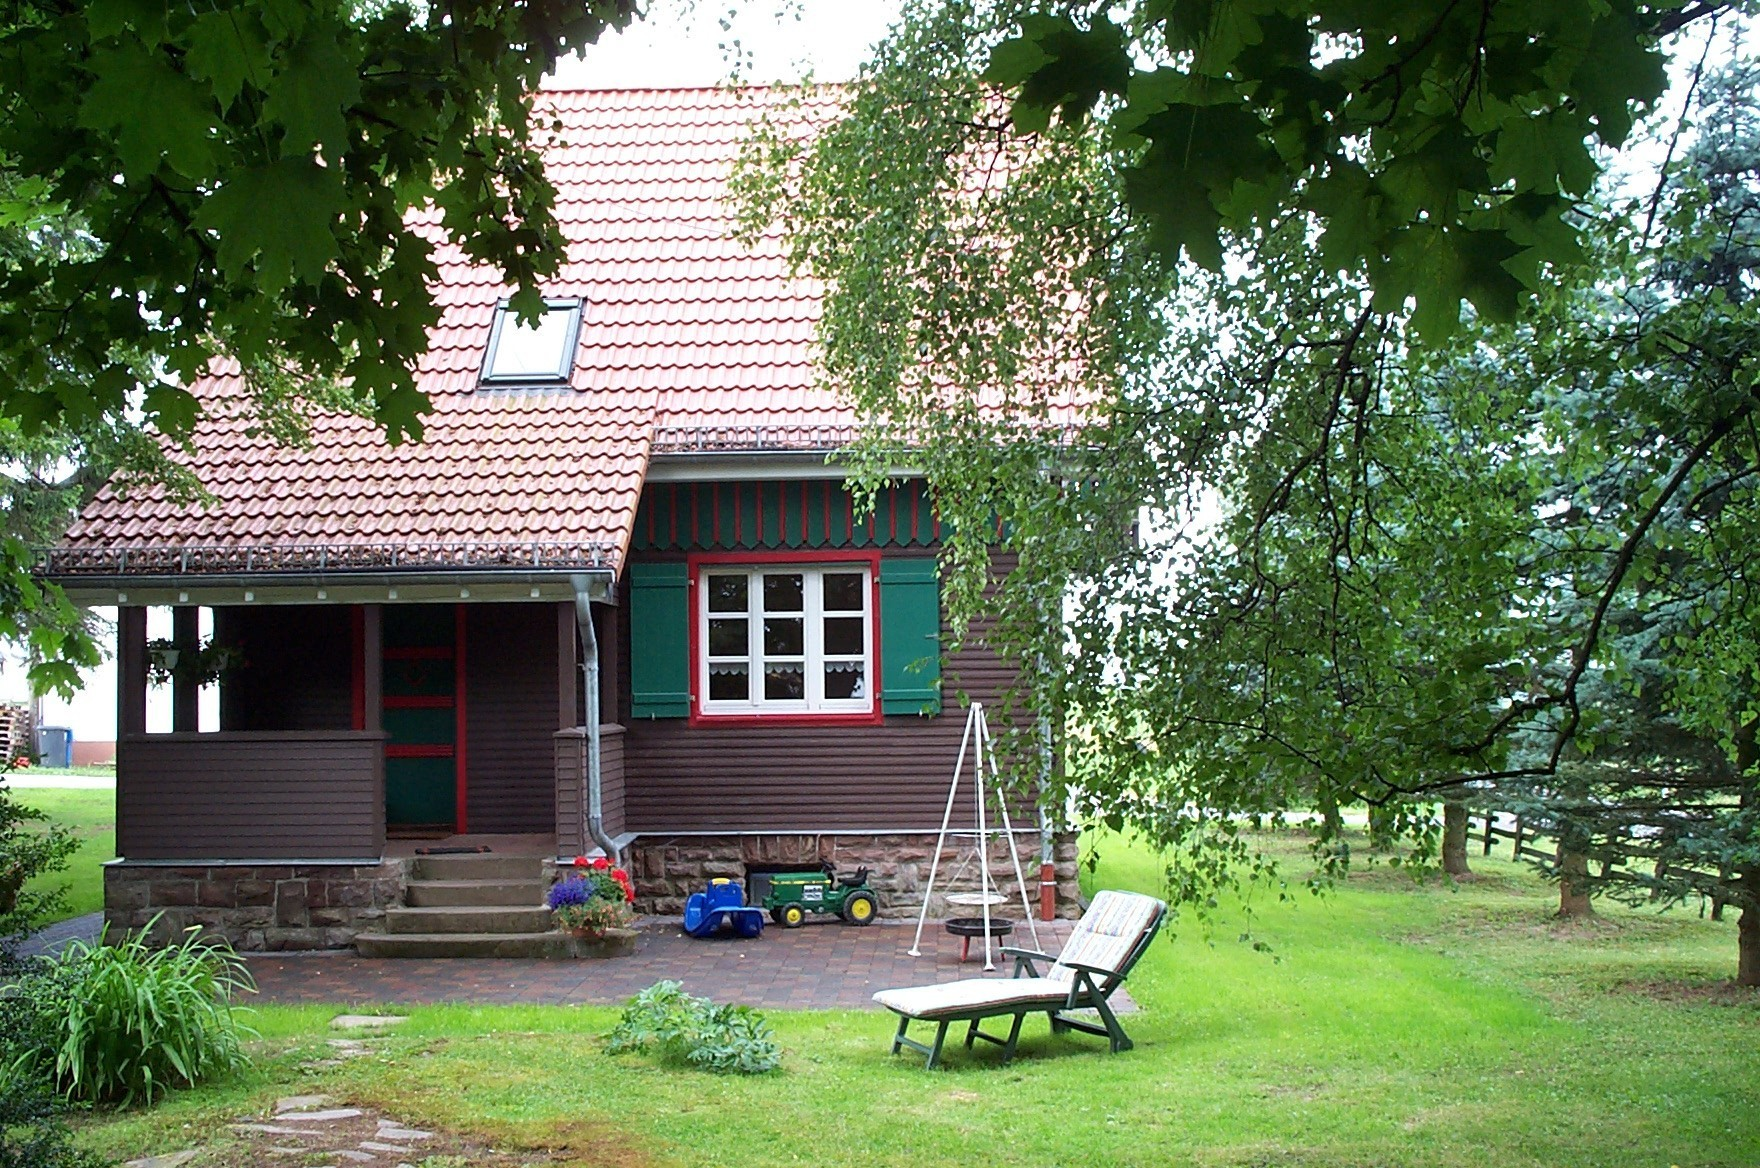 Ferienhaus Hersdorf: Ferienhaus auf dem Knopp